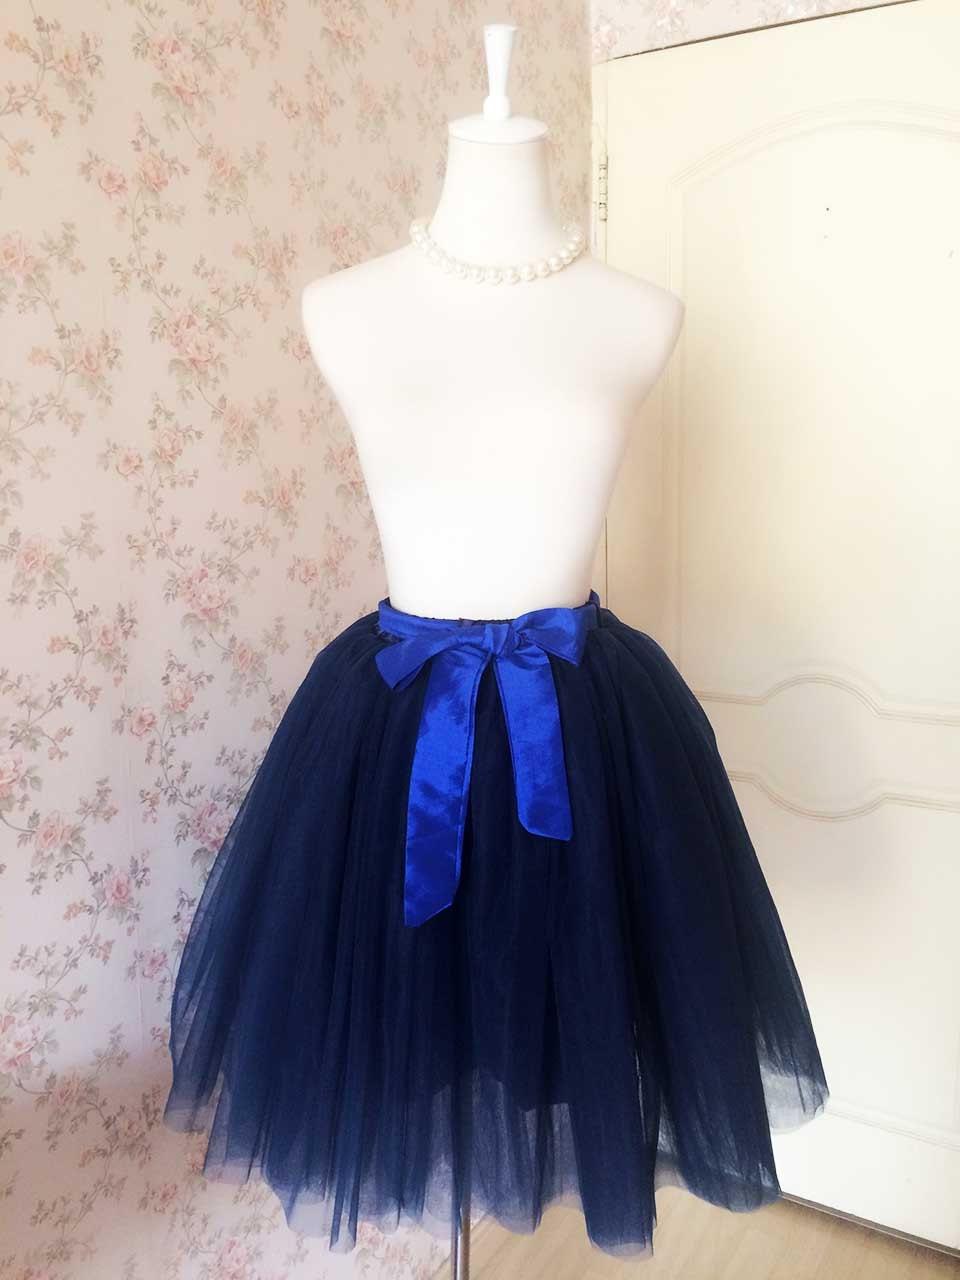 Romantic navy tulle skirt women tulle skirt adult tutu for Plus size wedding dress petticoat